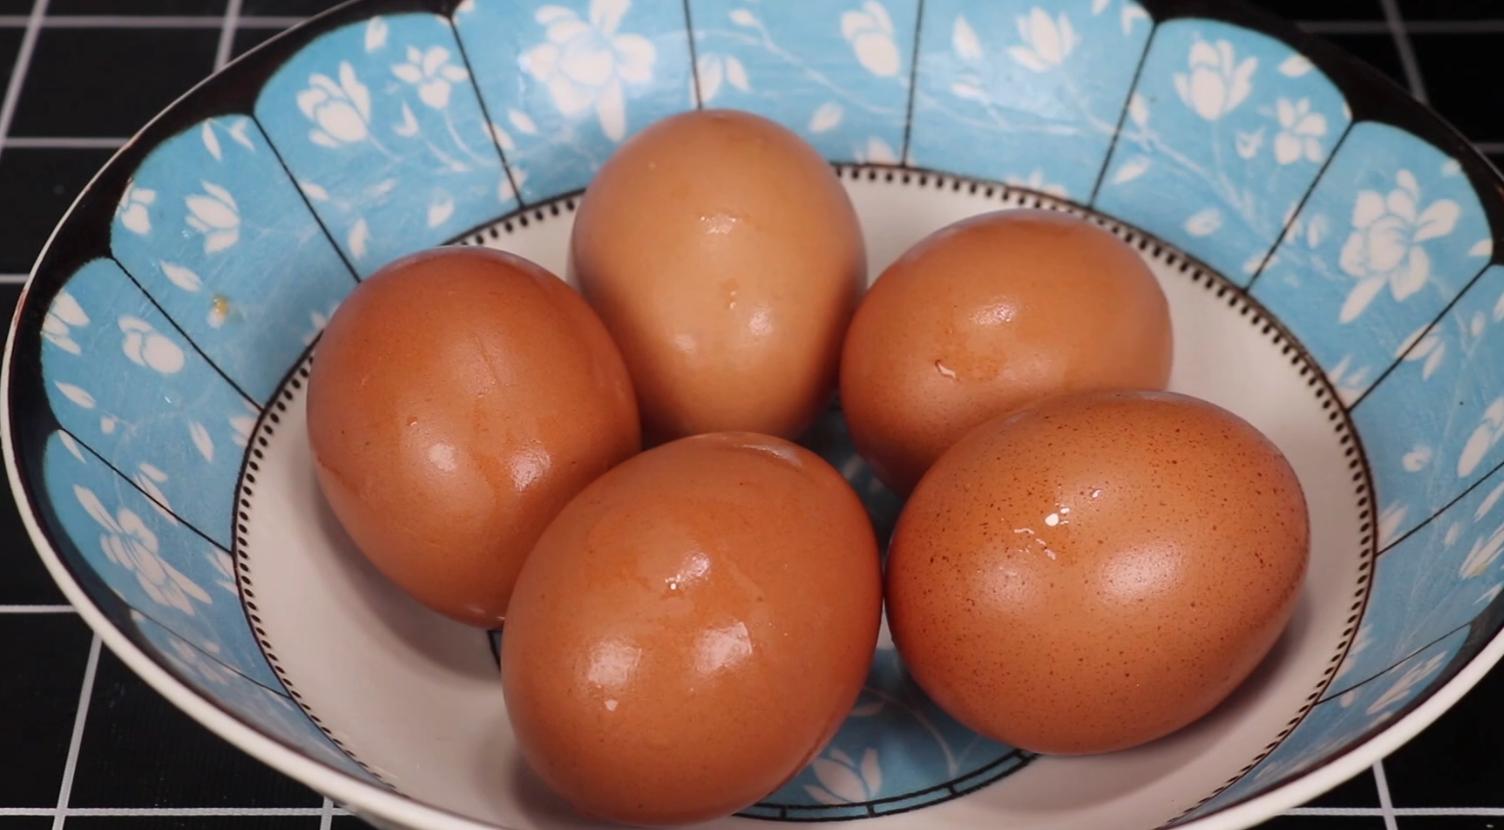 煮荷包蛋只服这一招,一锅煮6个,又圆又完整,营养好吃健康